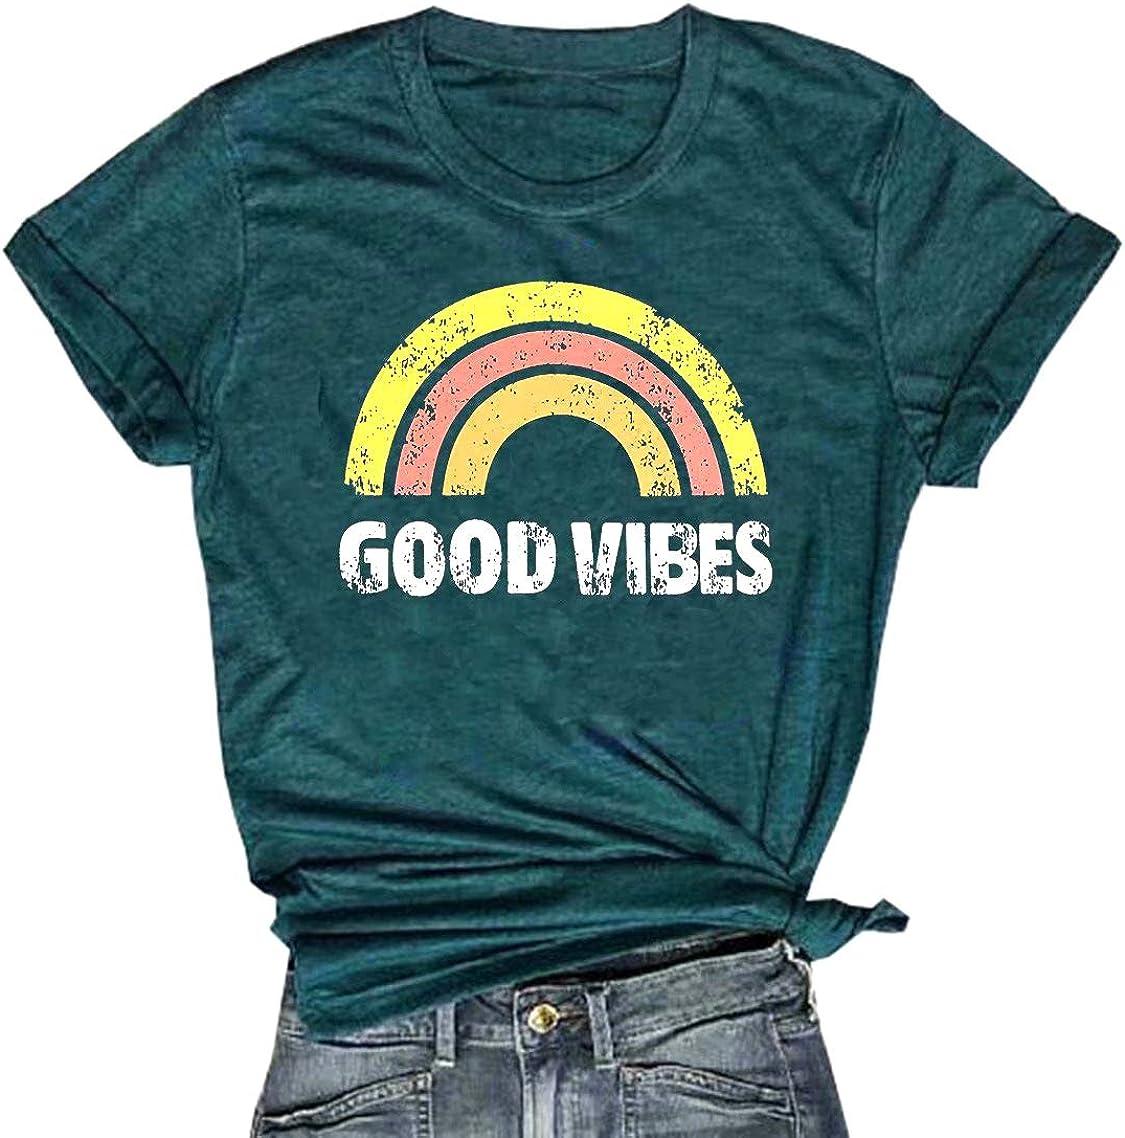 Good Vibes - Camiseta de manga corta para mujer, diseño de arcoíris - Verde - Medium: Amazon.es: Ropa y accesorios